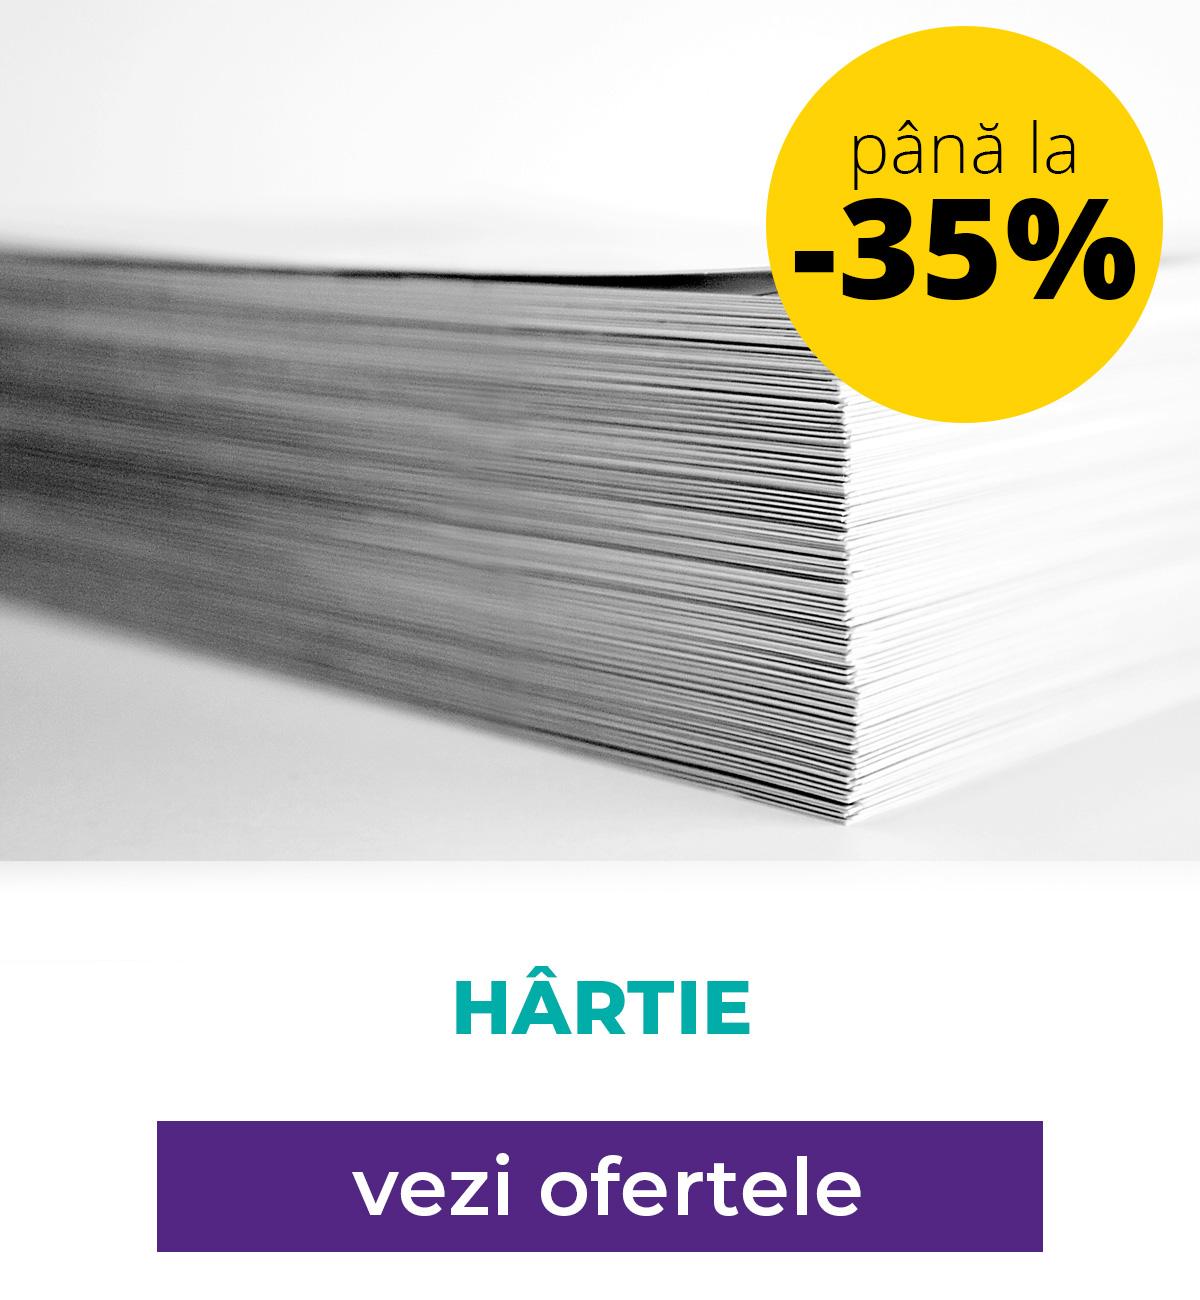 Hartie